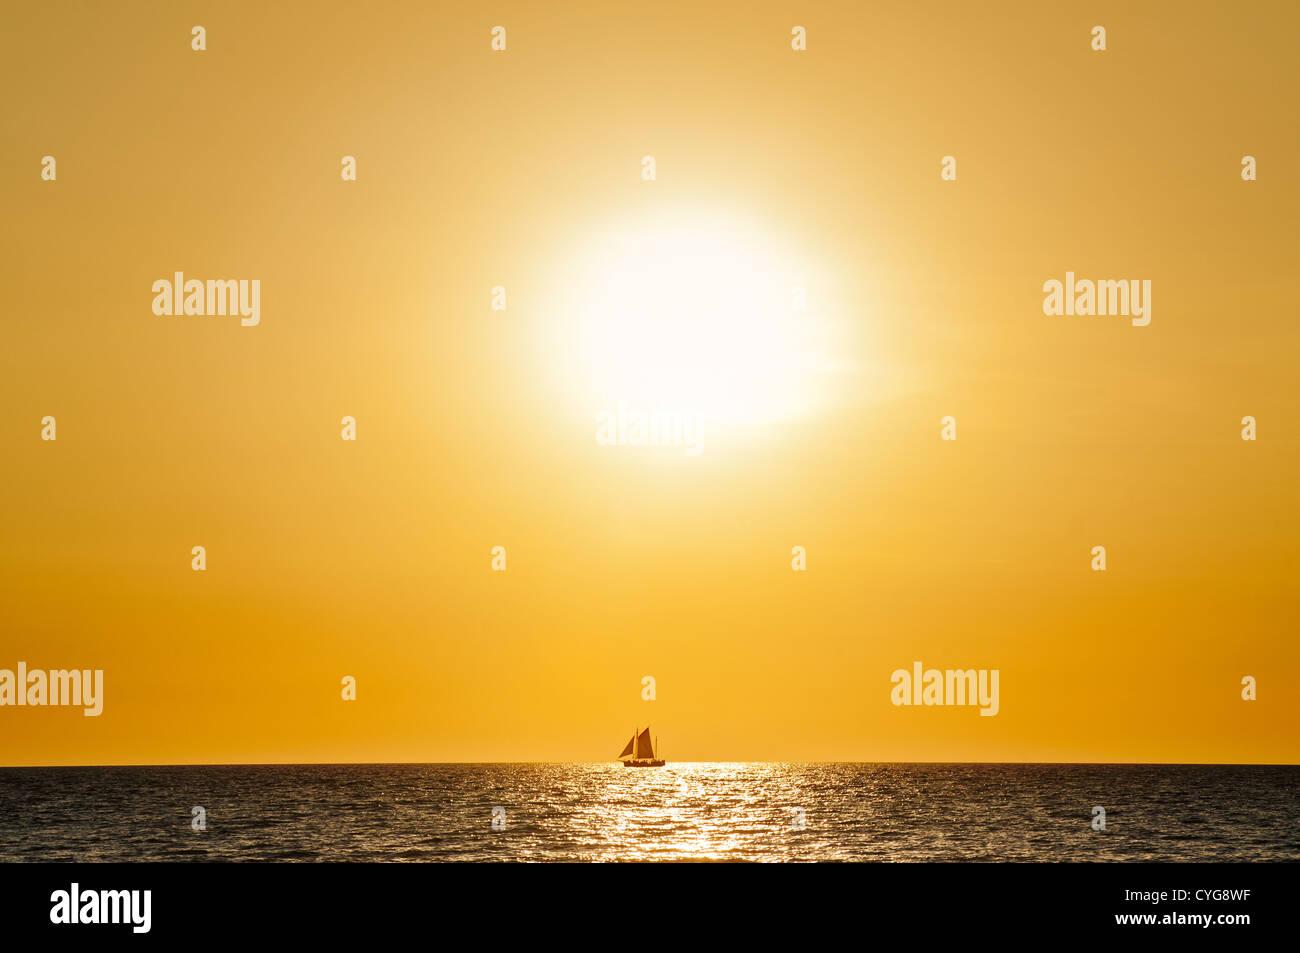 Segelboot vor der untergehenden Sonne am Horizont. Stockbild